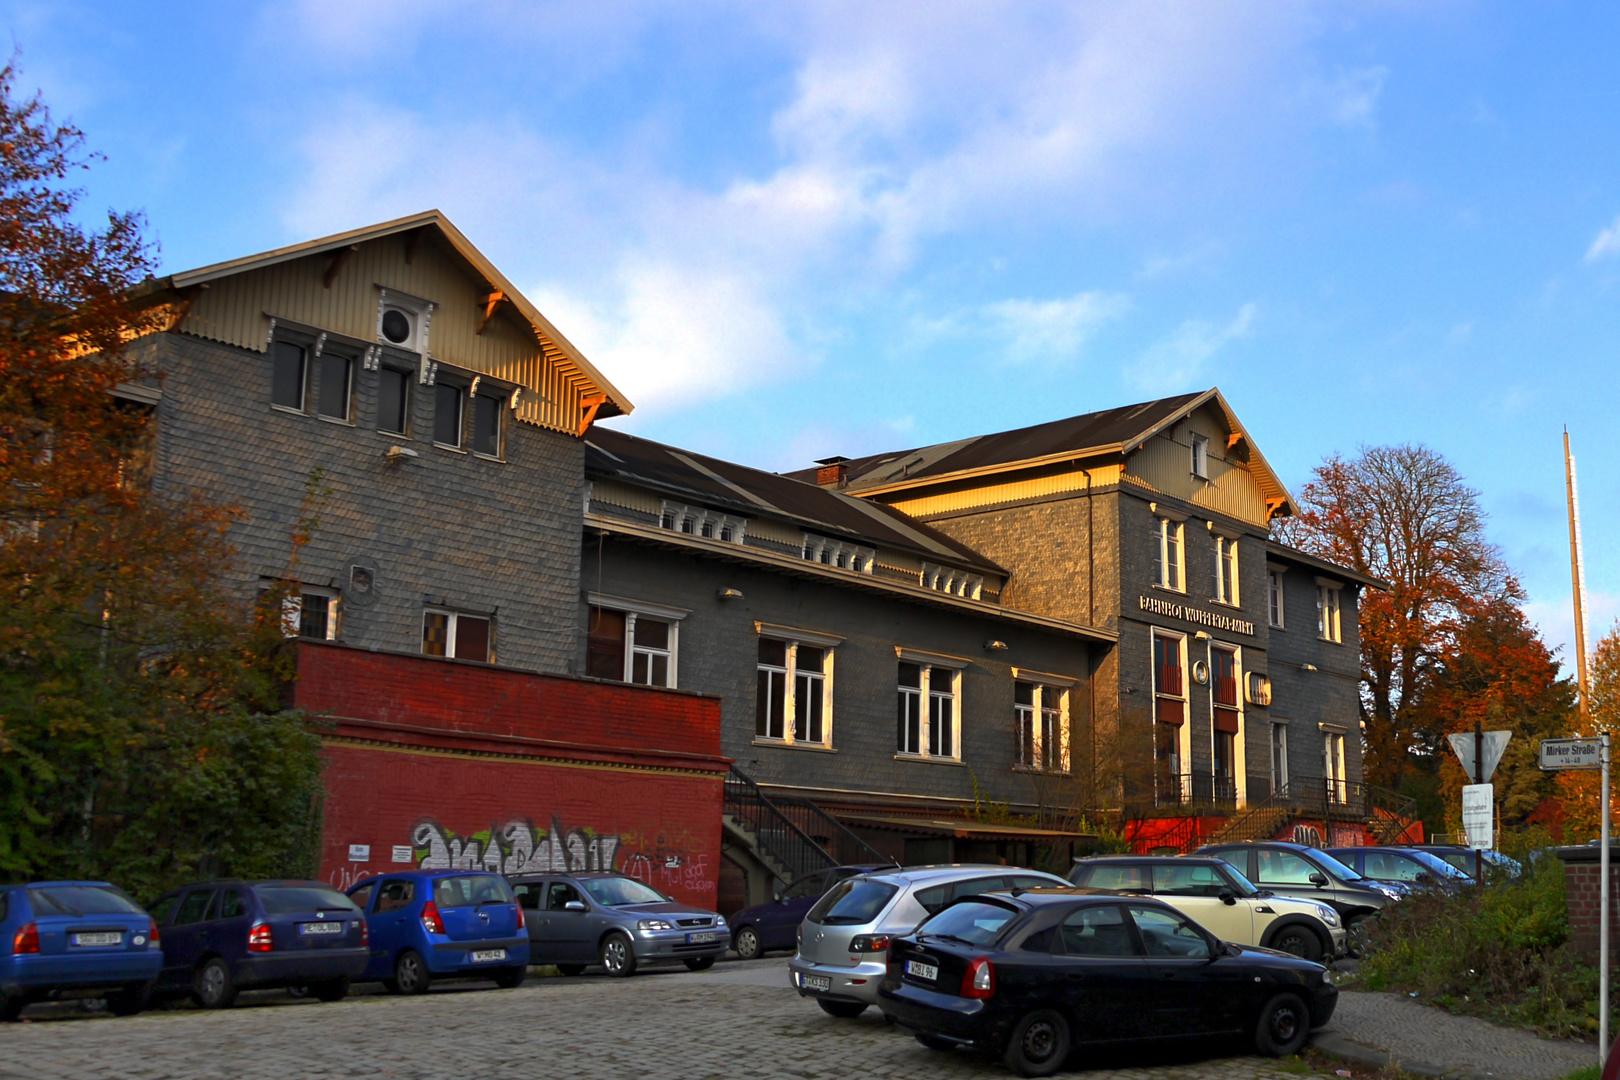 Bahnhof Wupertal-Mirke